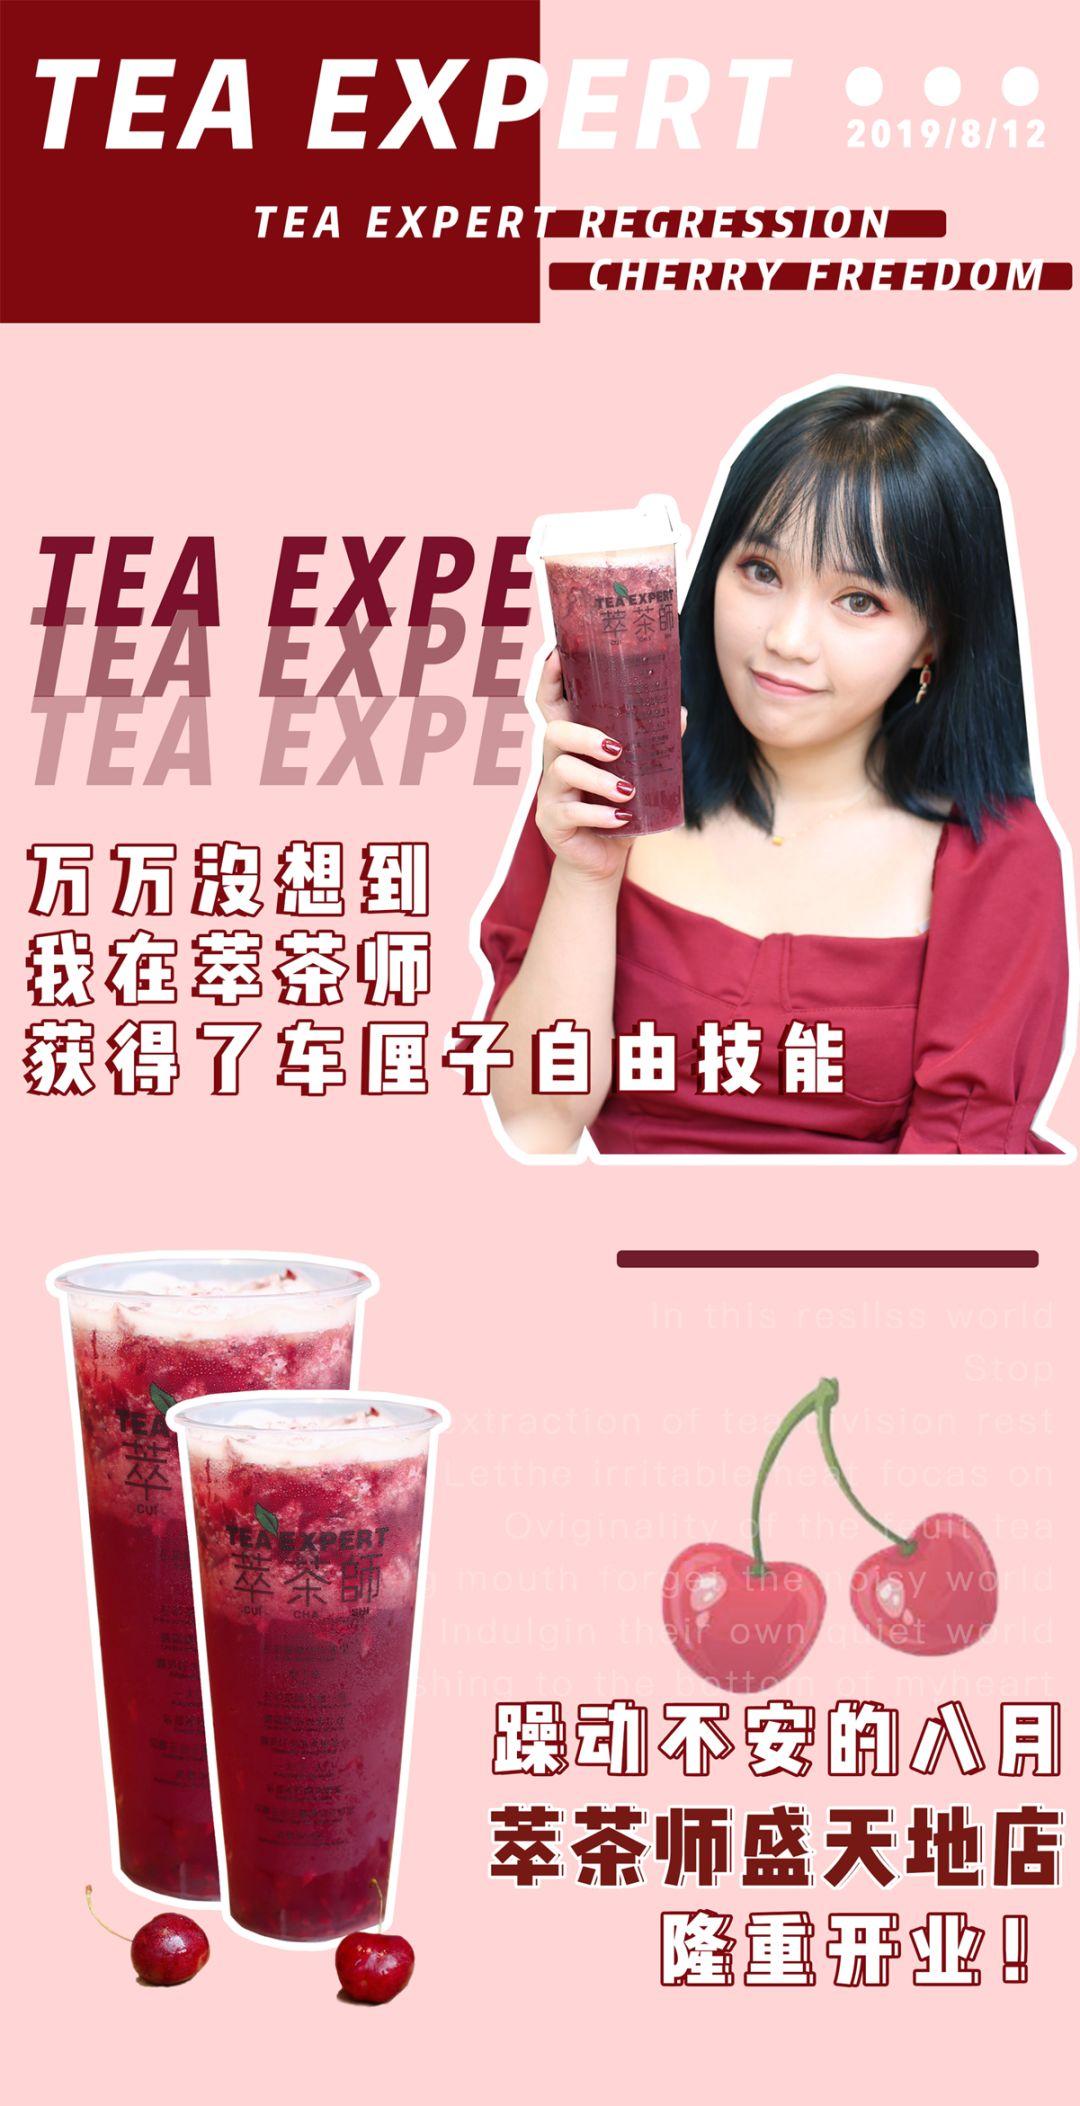 萃茶师新店开业,夏日新品收获车厘子自由!